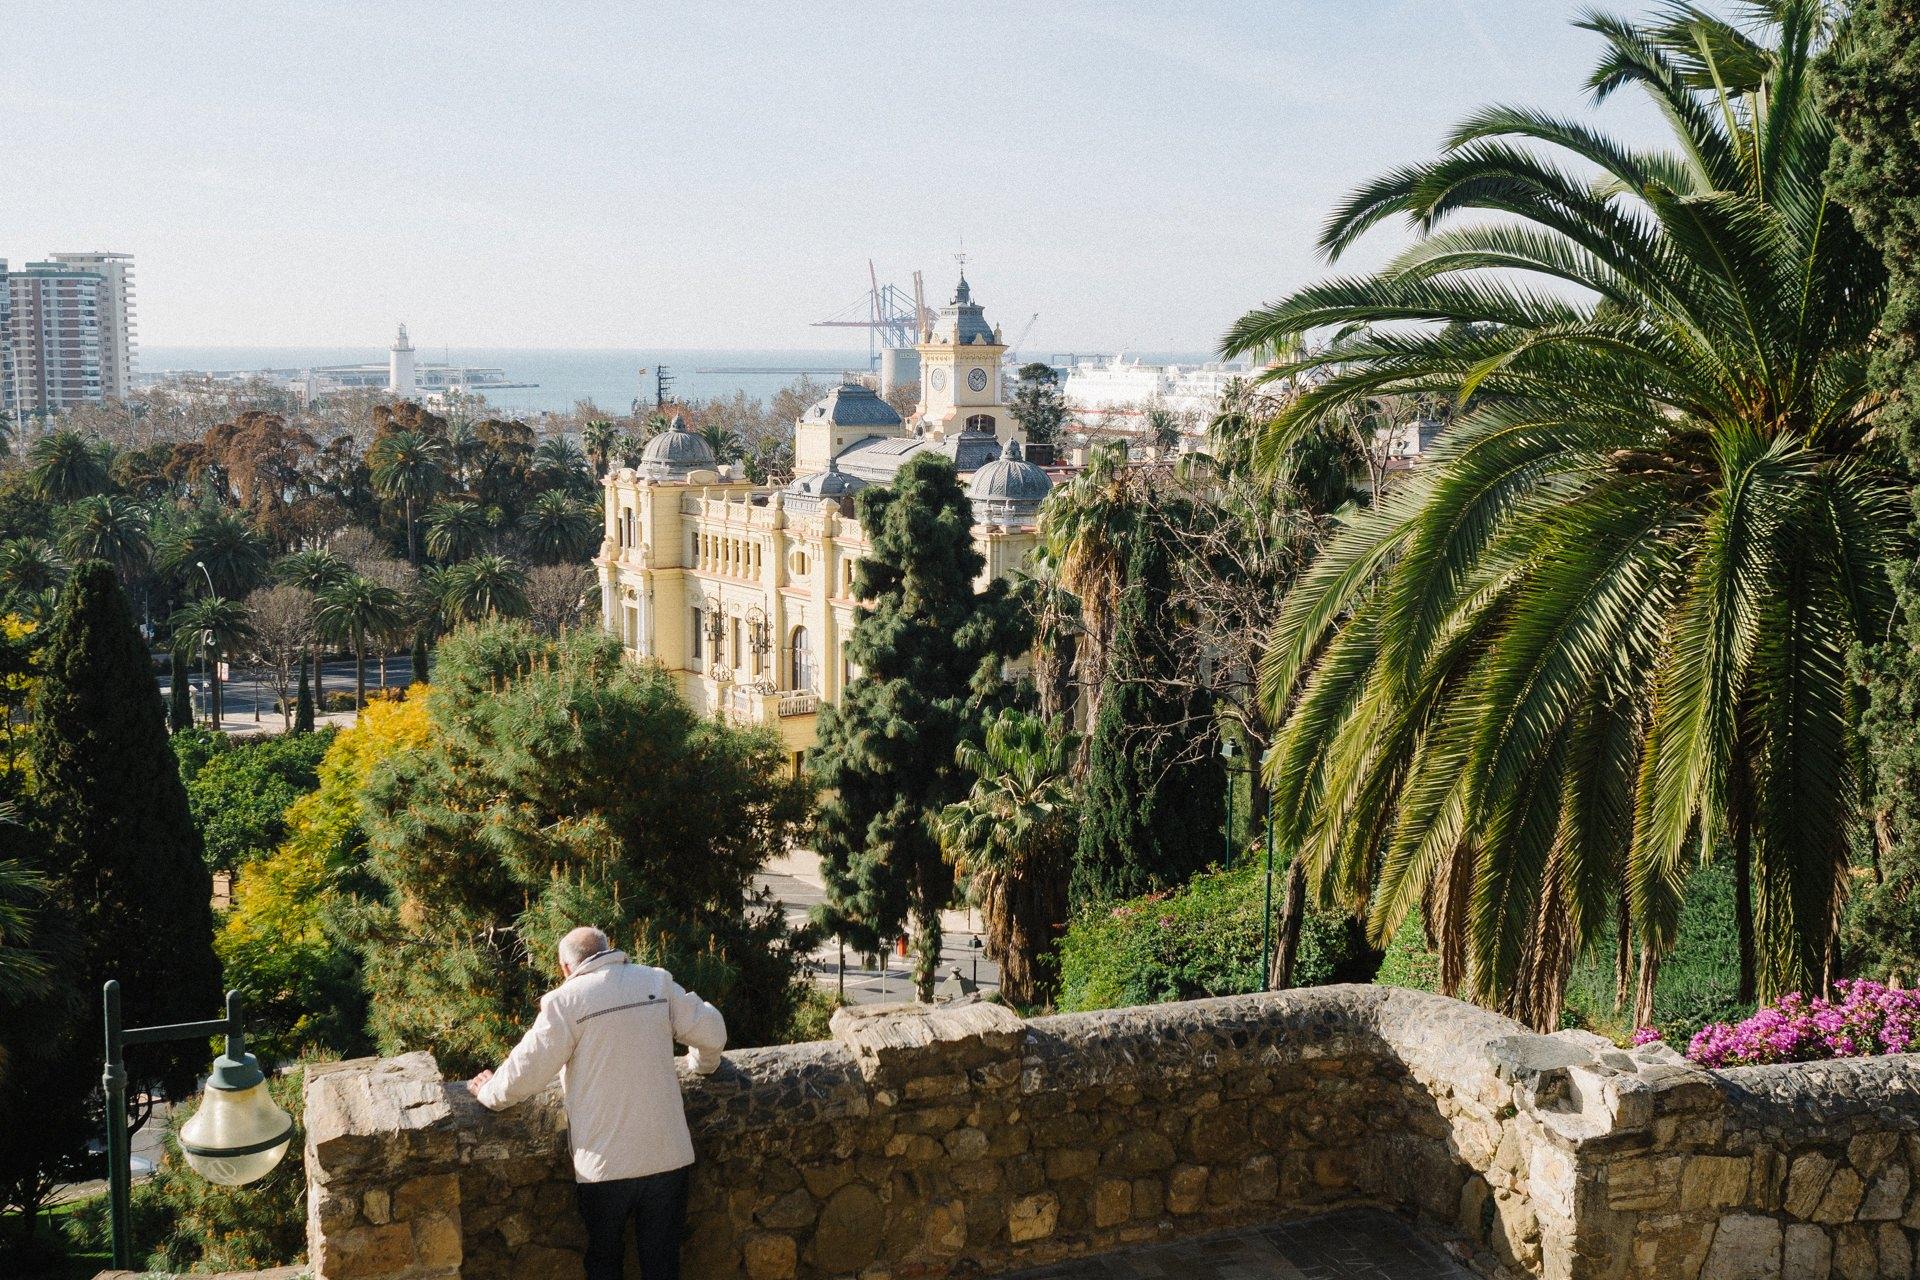 Ein Mensch betrachtet die Aussicht auf eine Stadt an der Küste